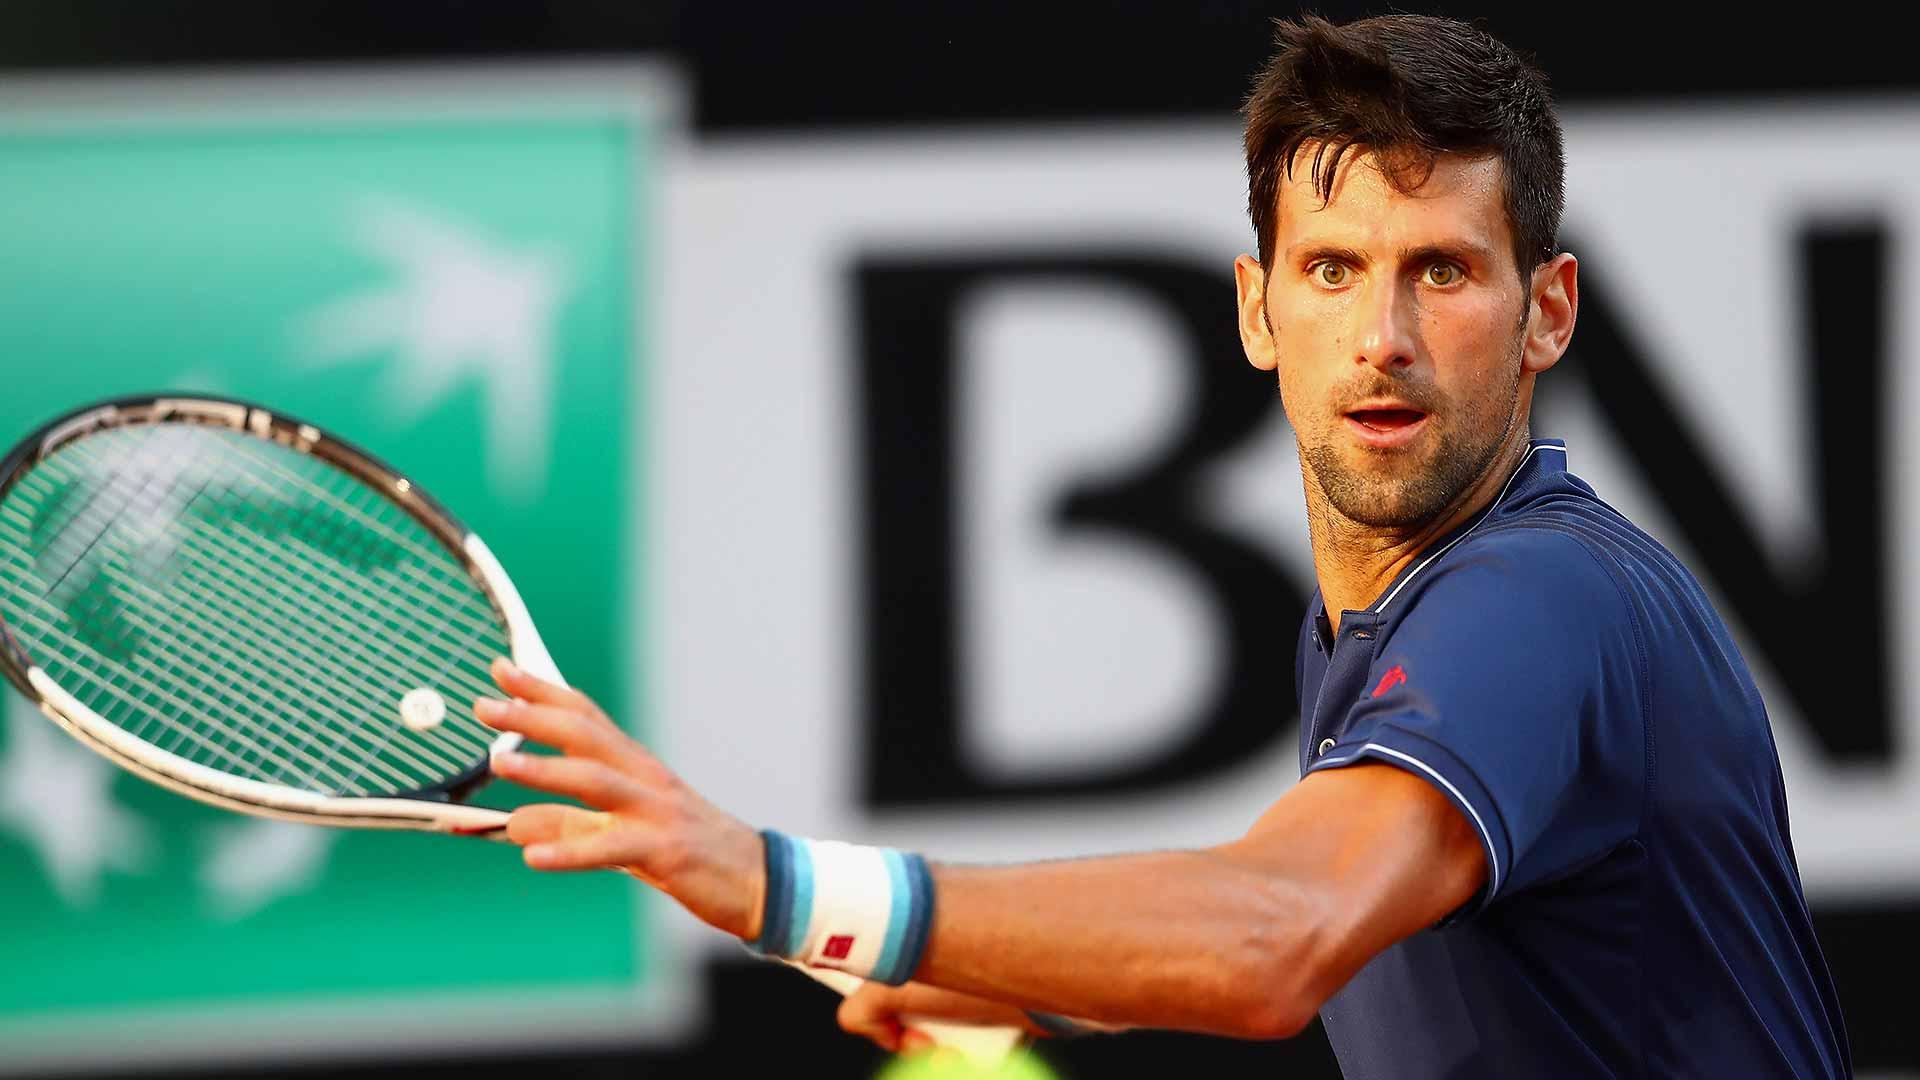 Ѓоковиќ четвртфиналист на Мастерсот во Рим